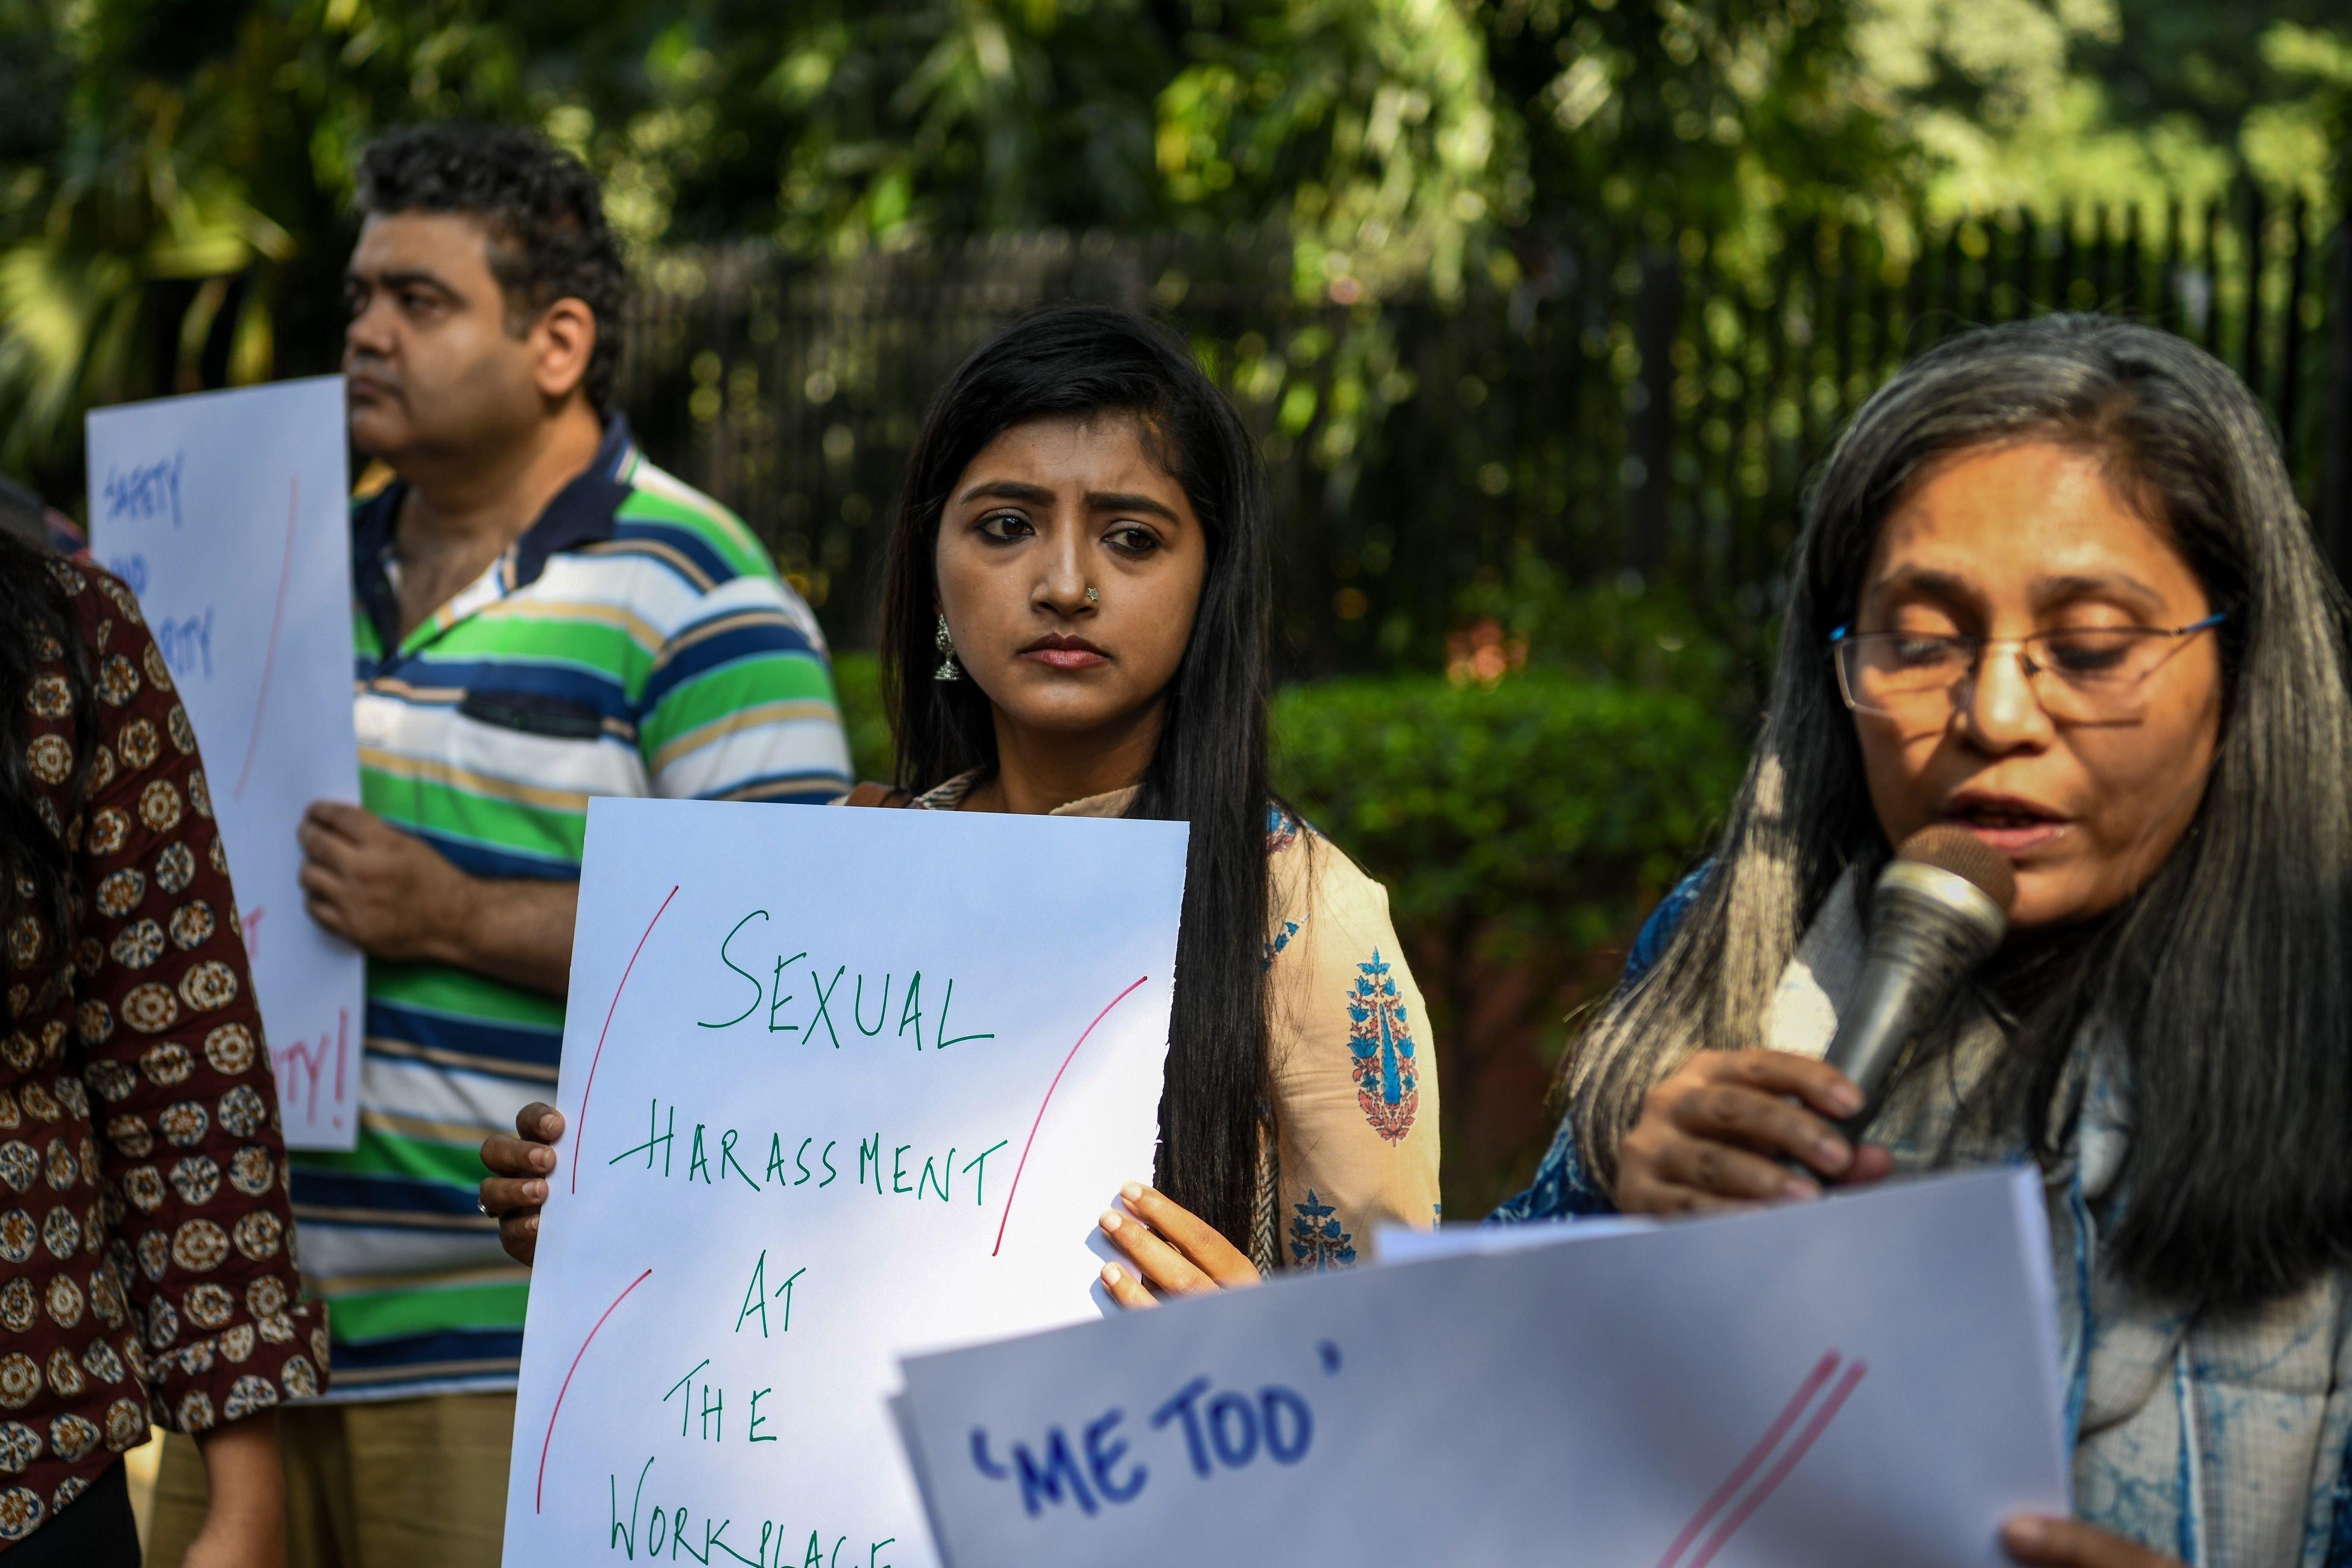 마침내 '미투' 시작된 인도 : 생존자들 무료 지원 선택한 변호사들의